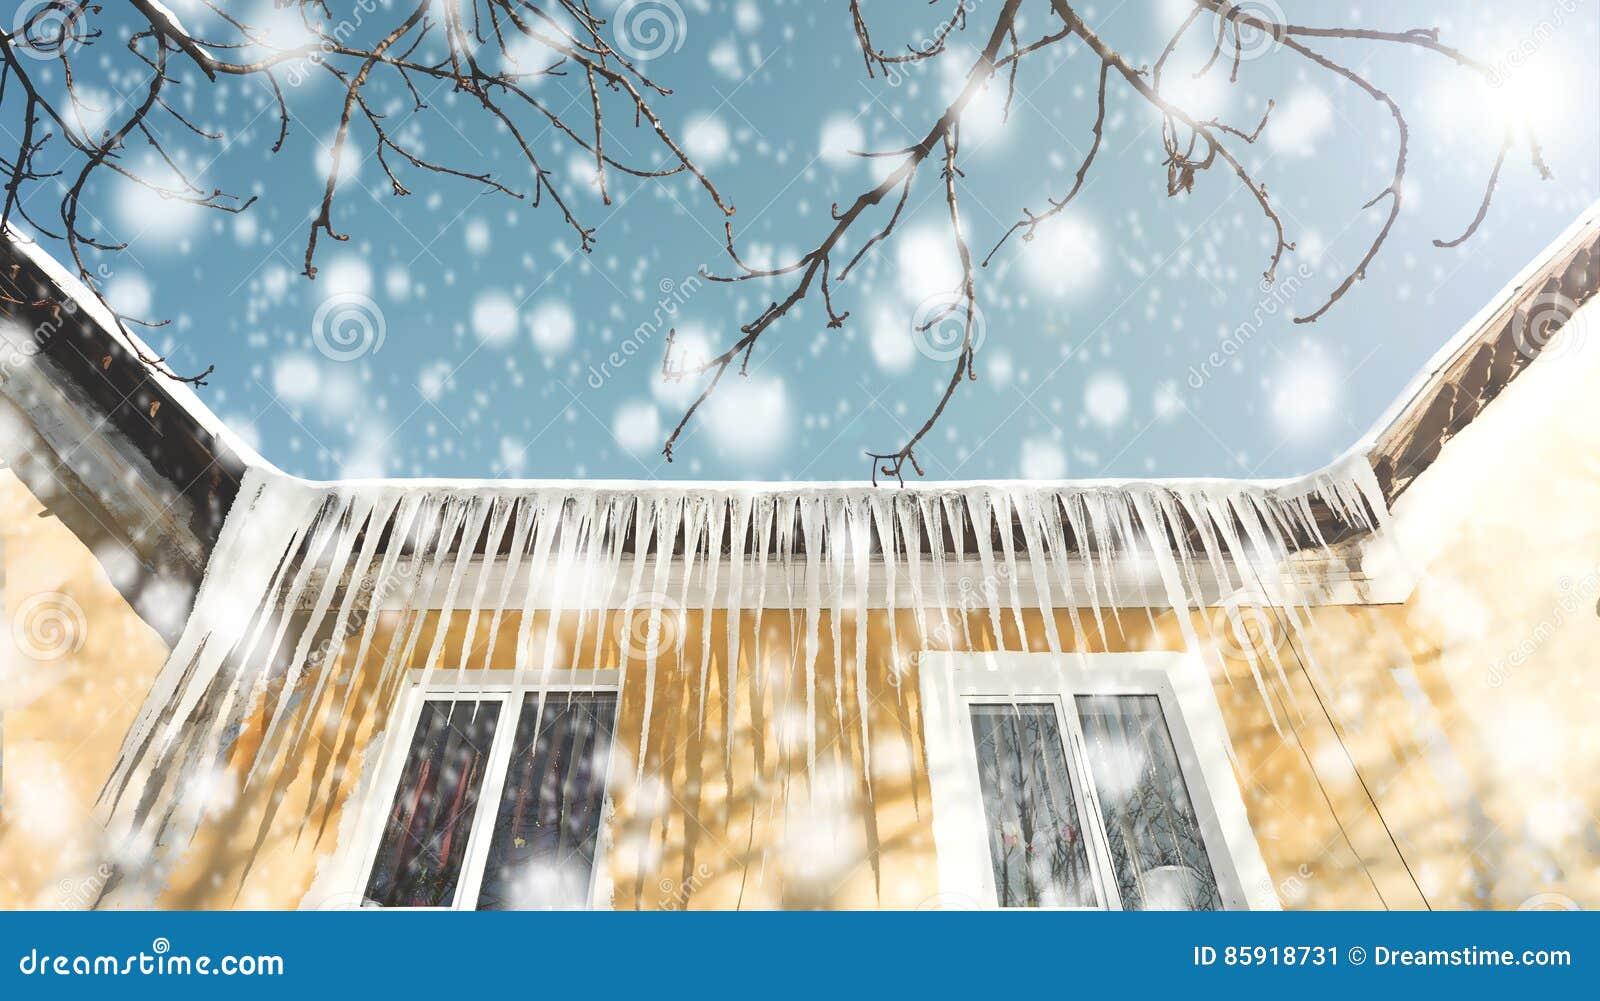 Dighe del ghiaccio, ghiaccioli sul tetto